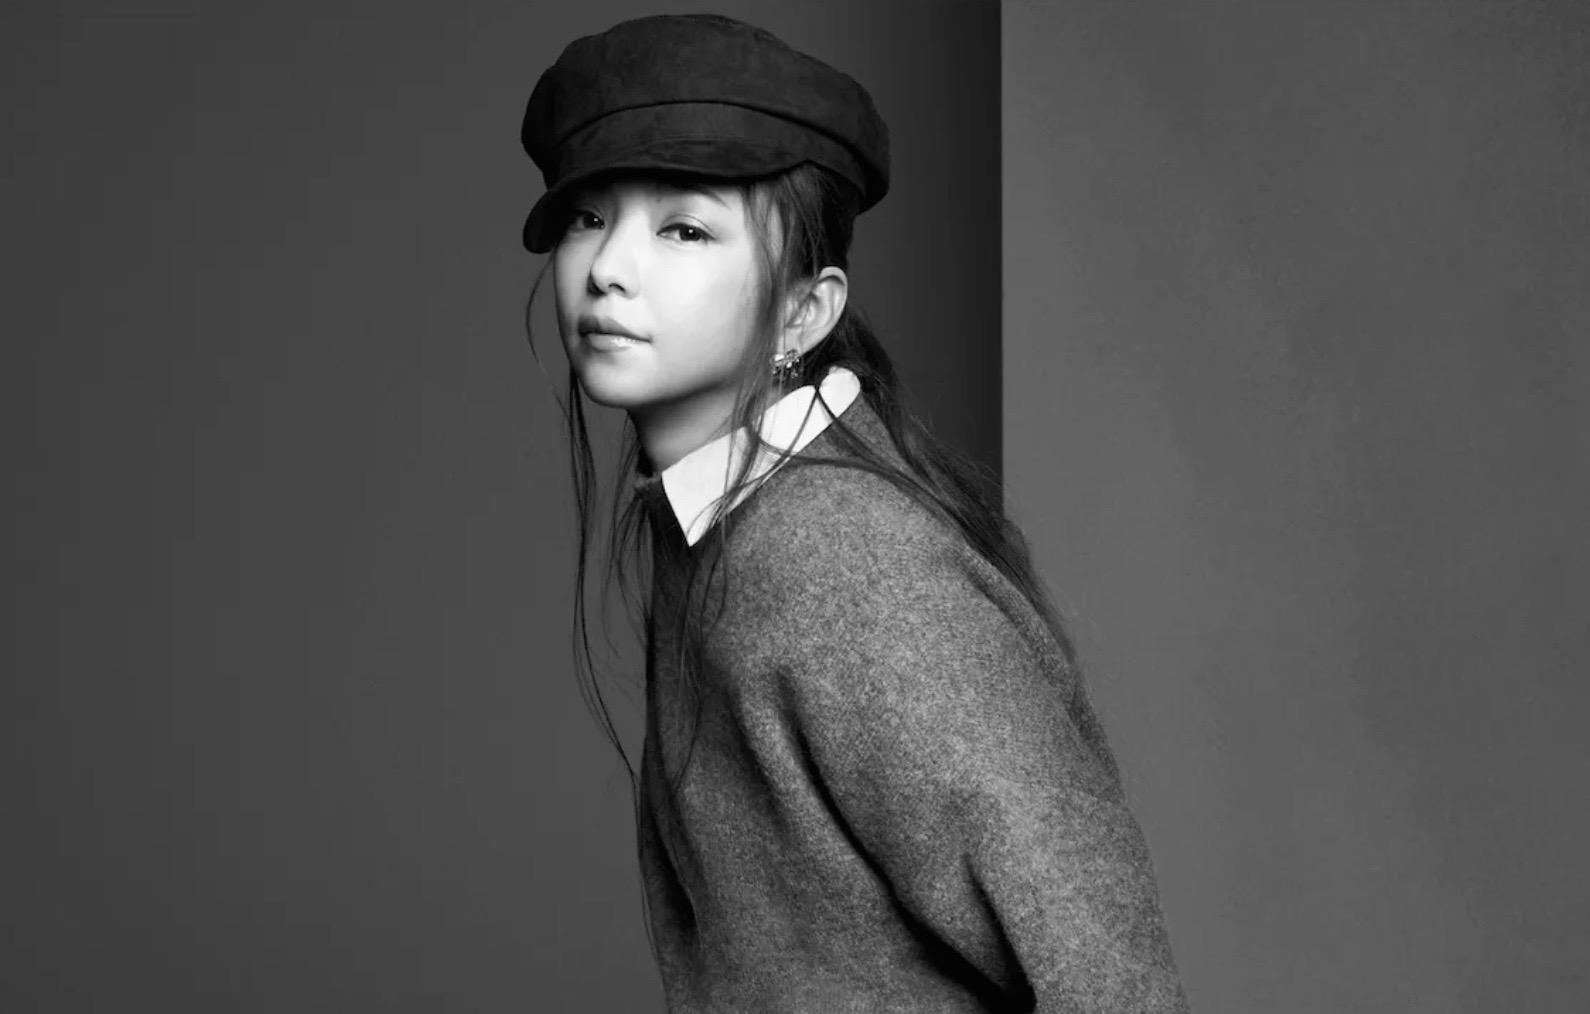 中安室奈美惠亲自演绎了五种造型,每个造型都以彩色和黑色两种照片